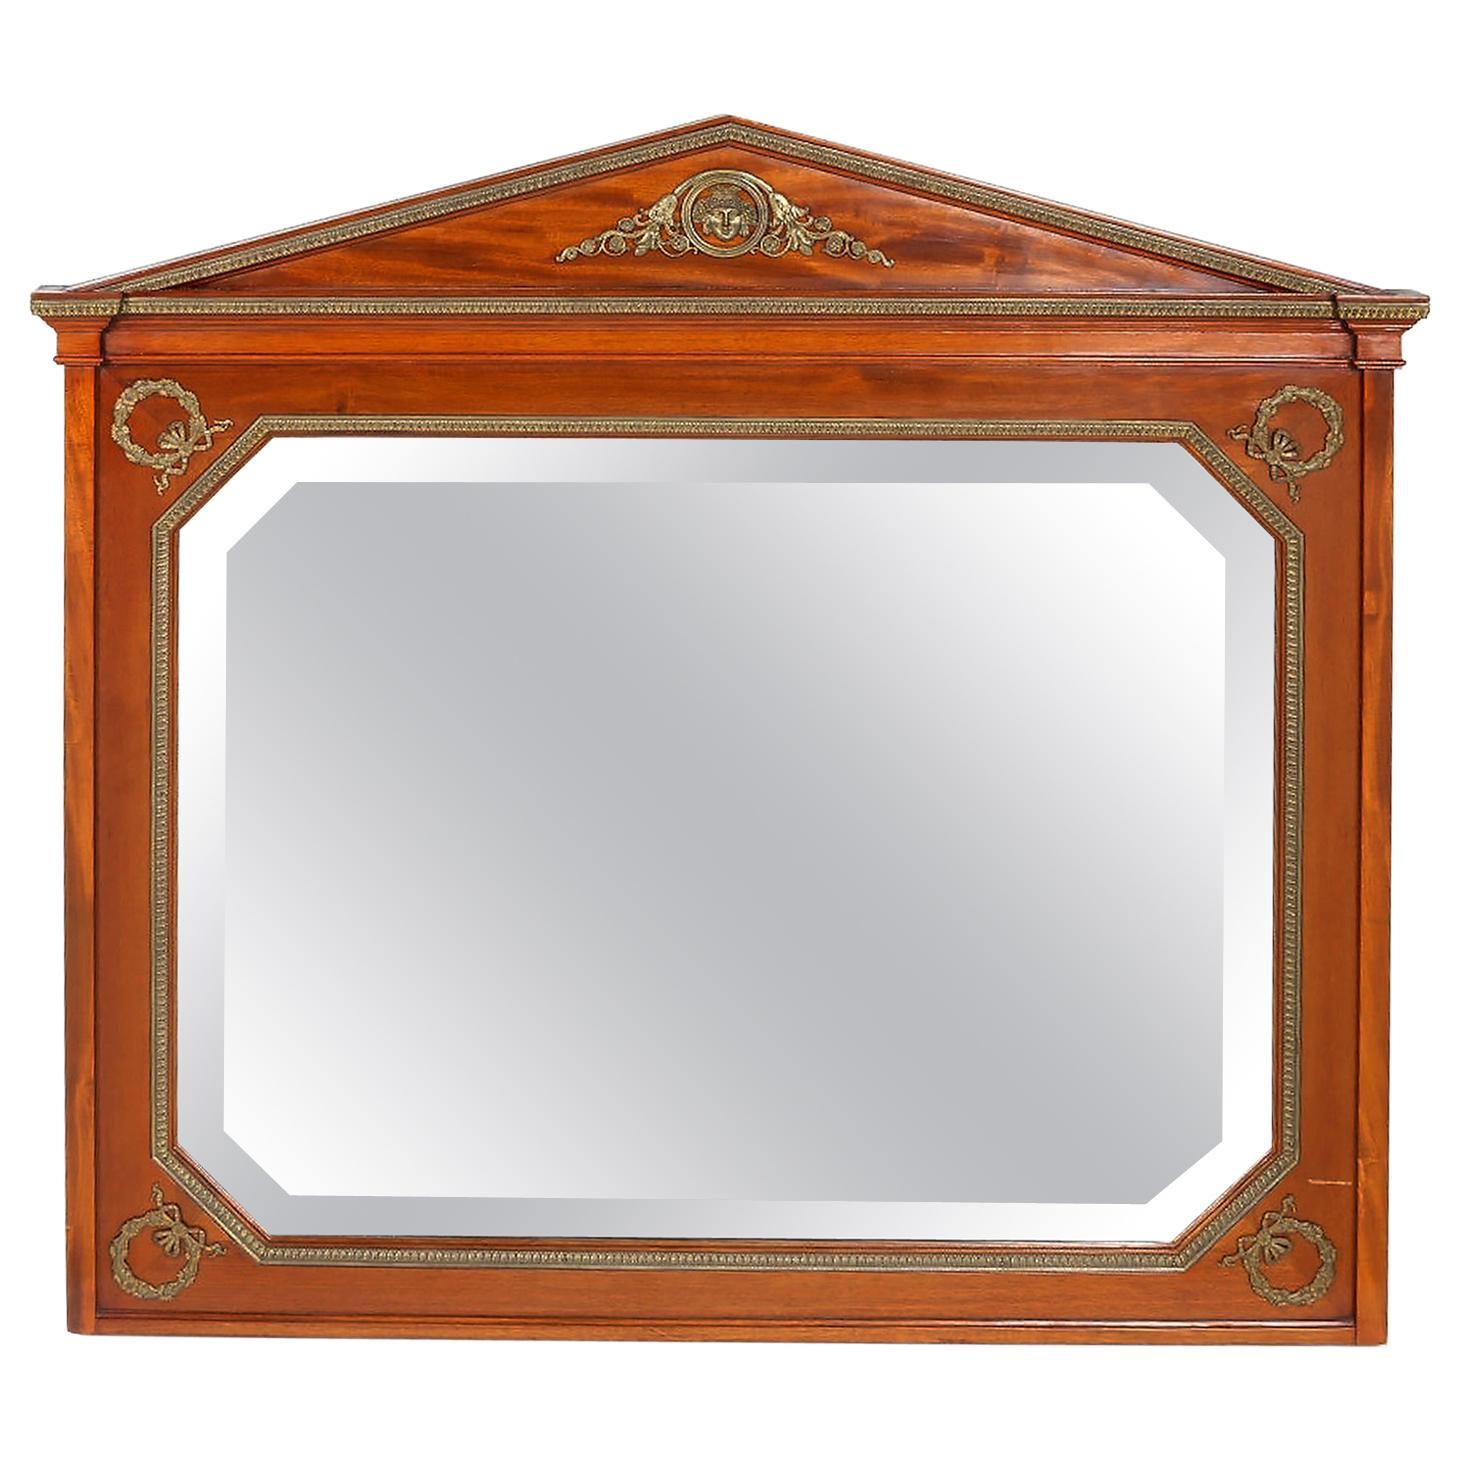 French Mahogany Wood Framed Beveled Wall Mirror